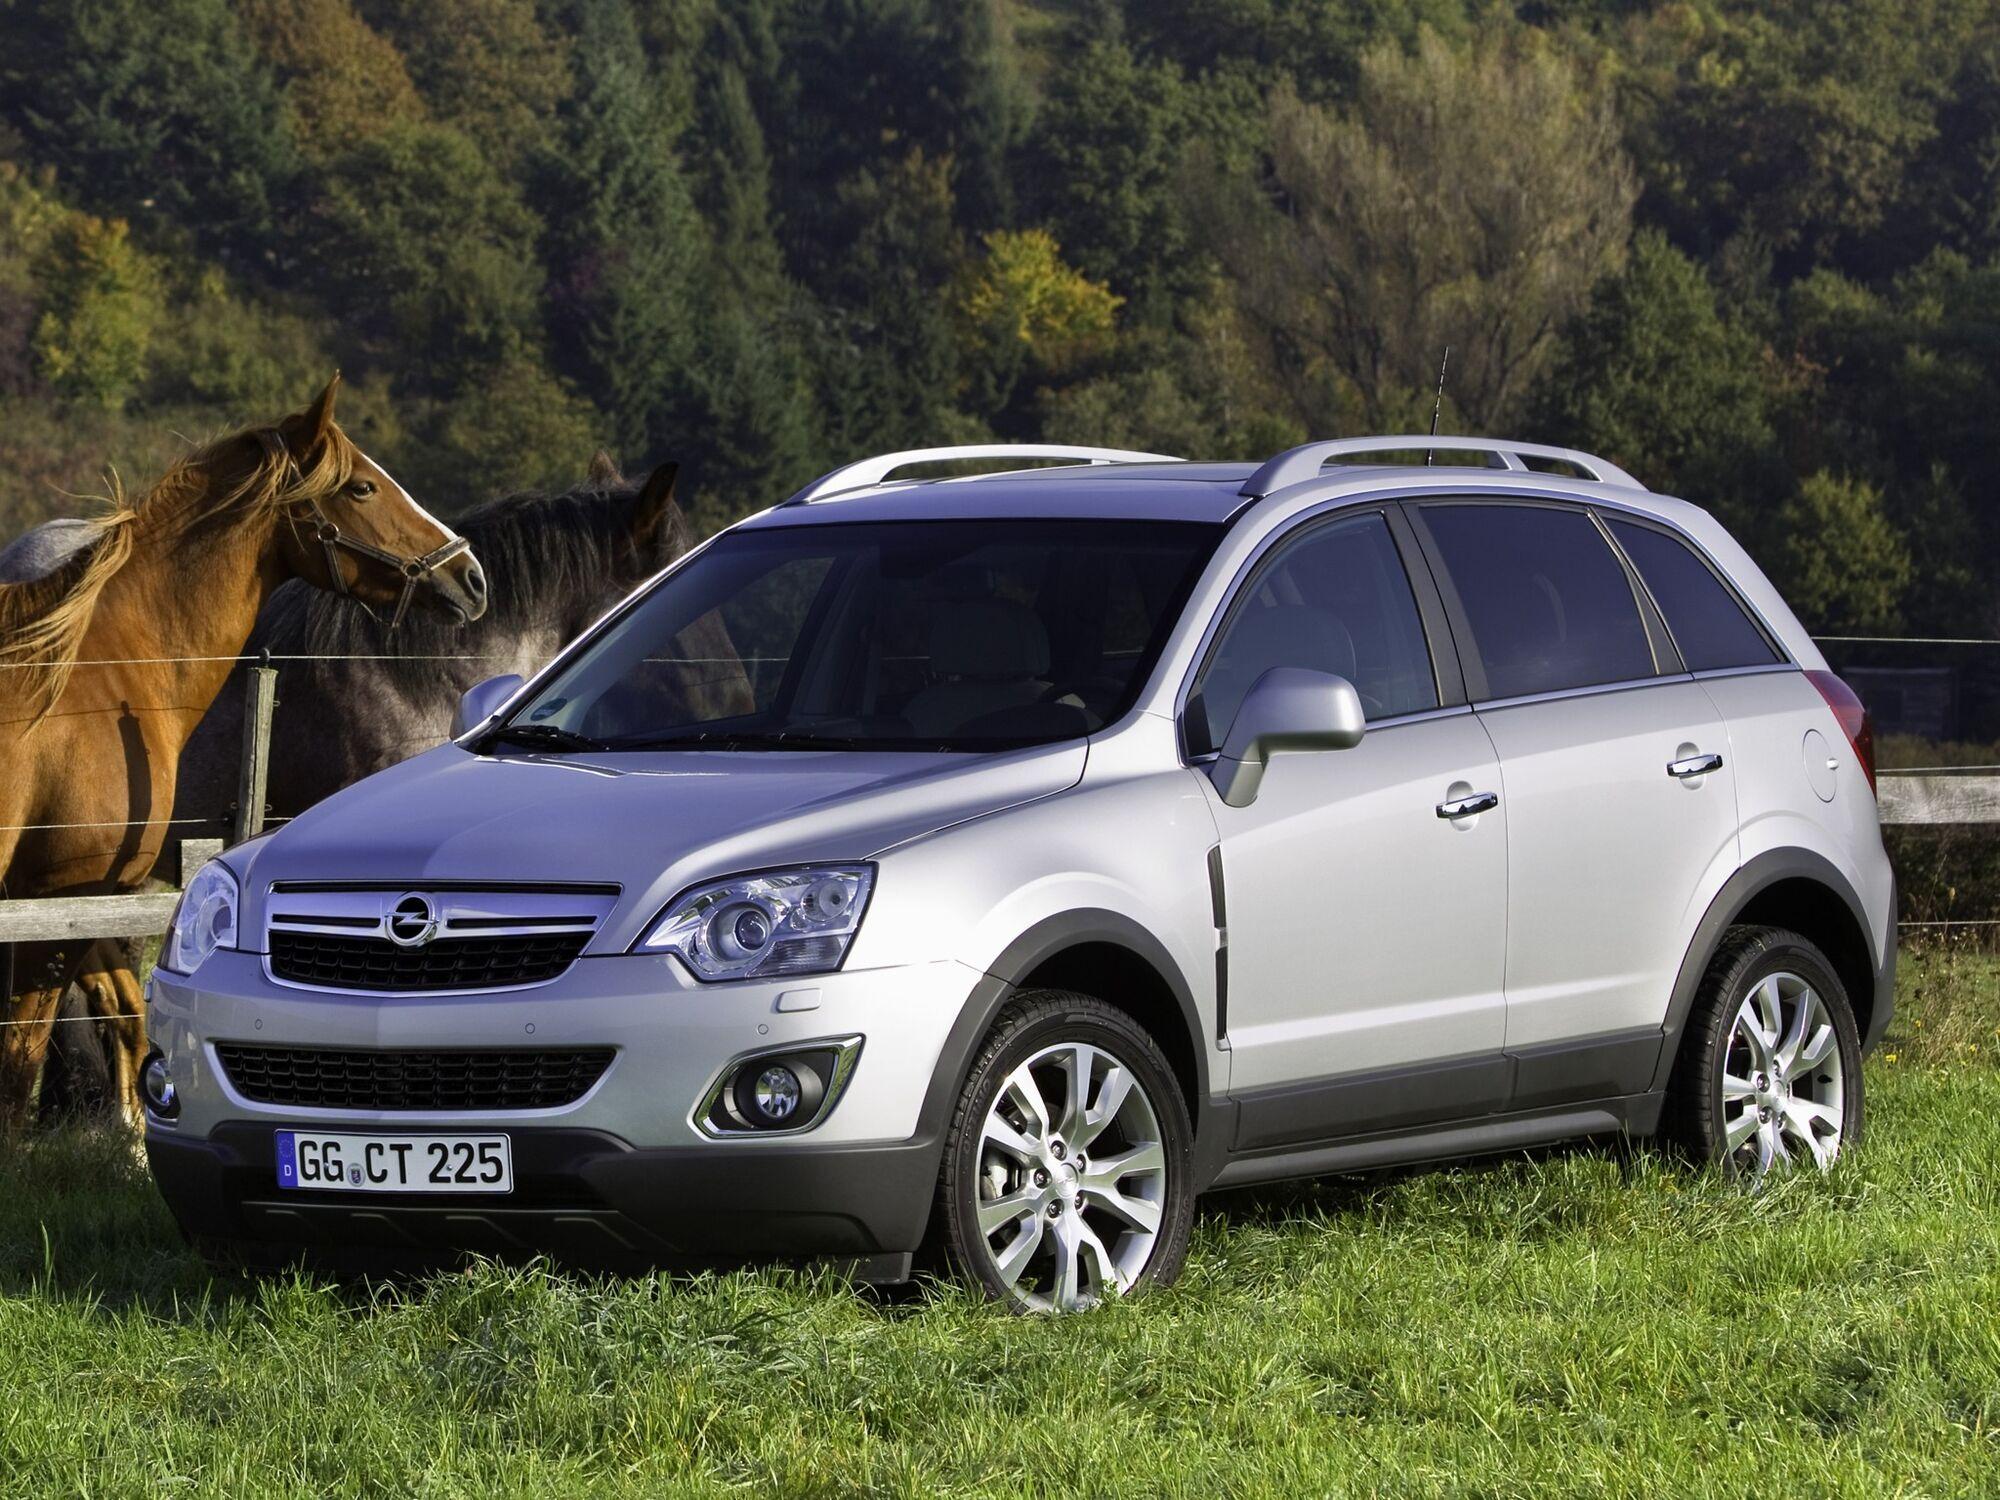 Opel Antara виявився першою пробою німецького бренду в сегменті кросоверів